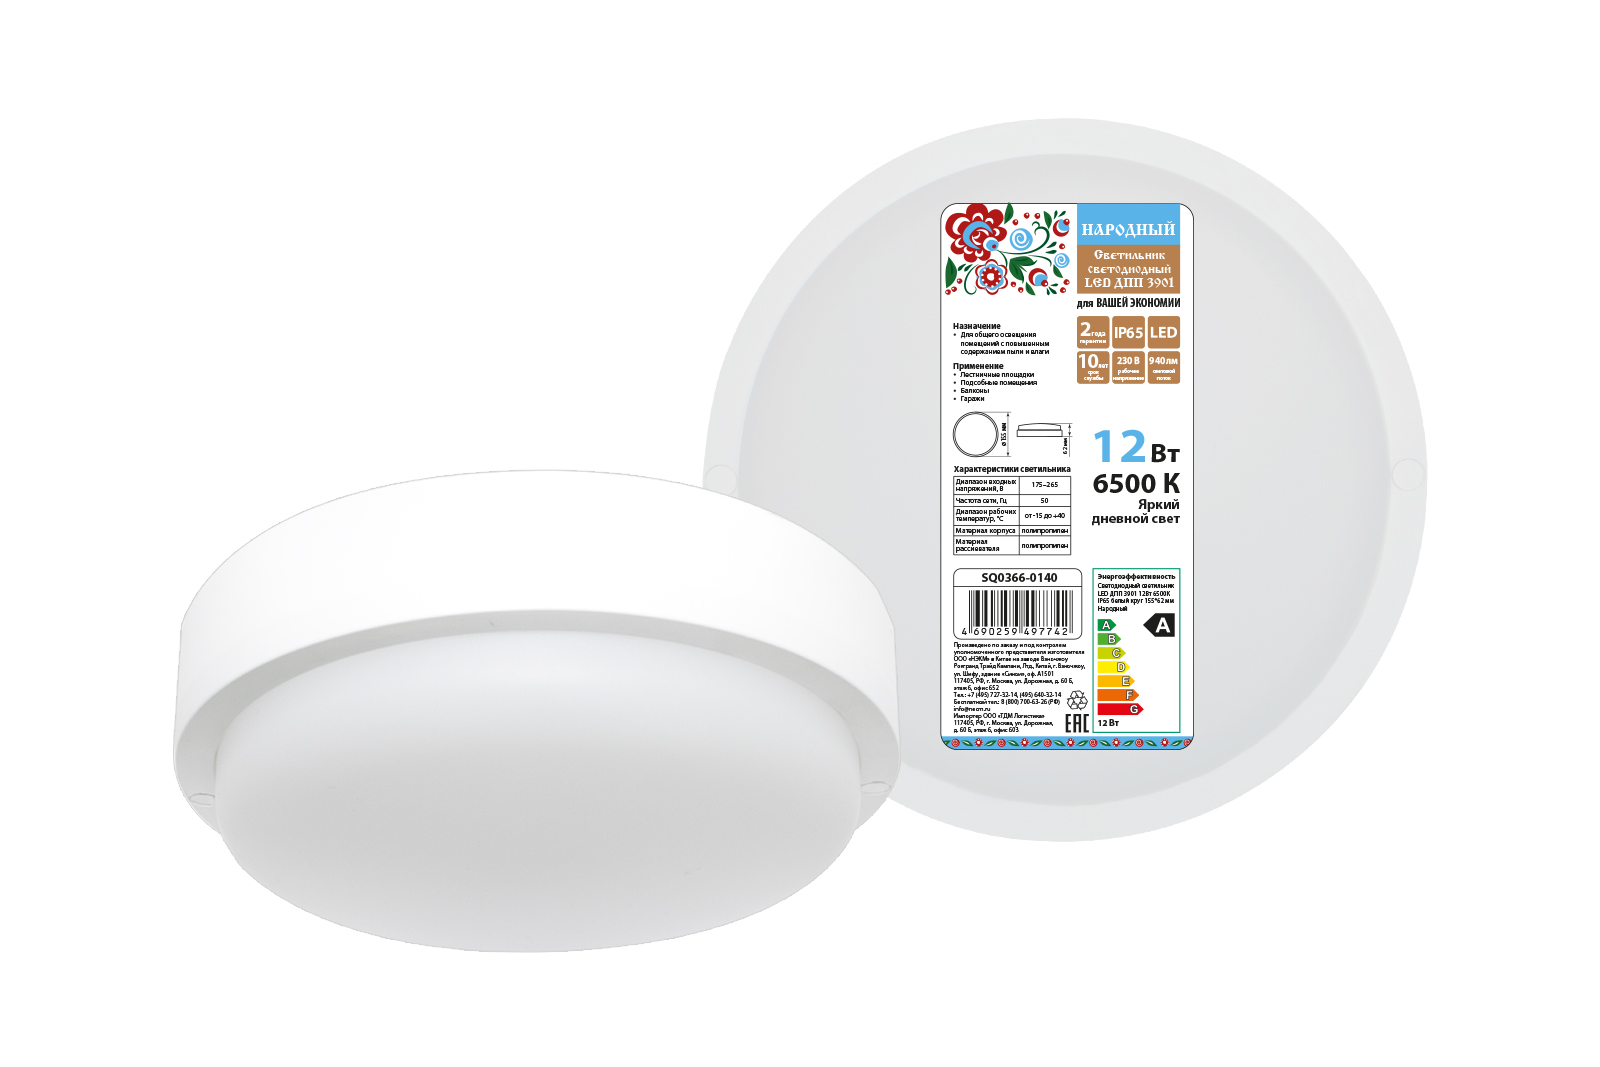 Фото Светодиодный светильник LED ДПП 3901 12Вт 6500К IP65 белый круг 155*62 мм Народный {SQ0366-0140}